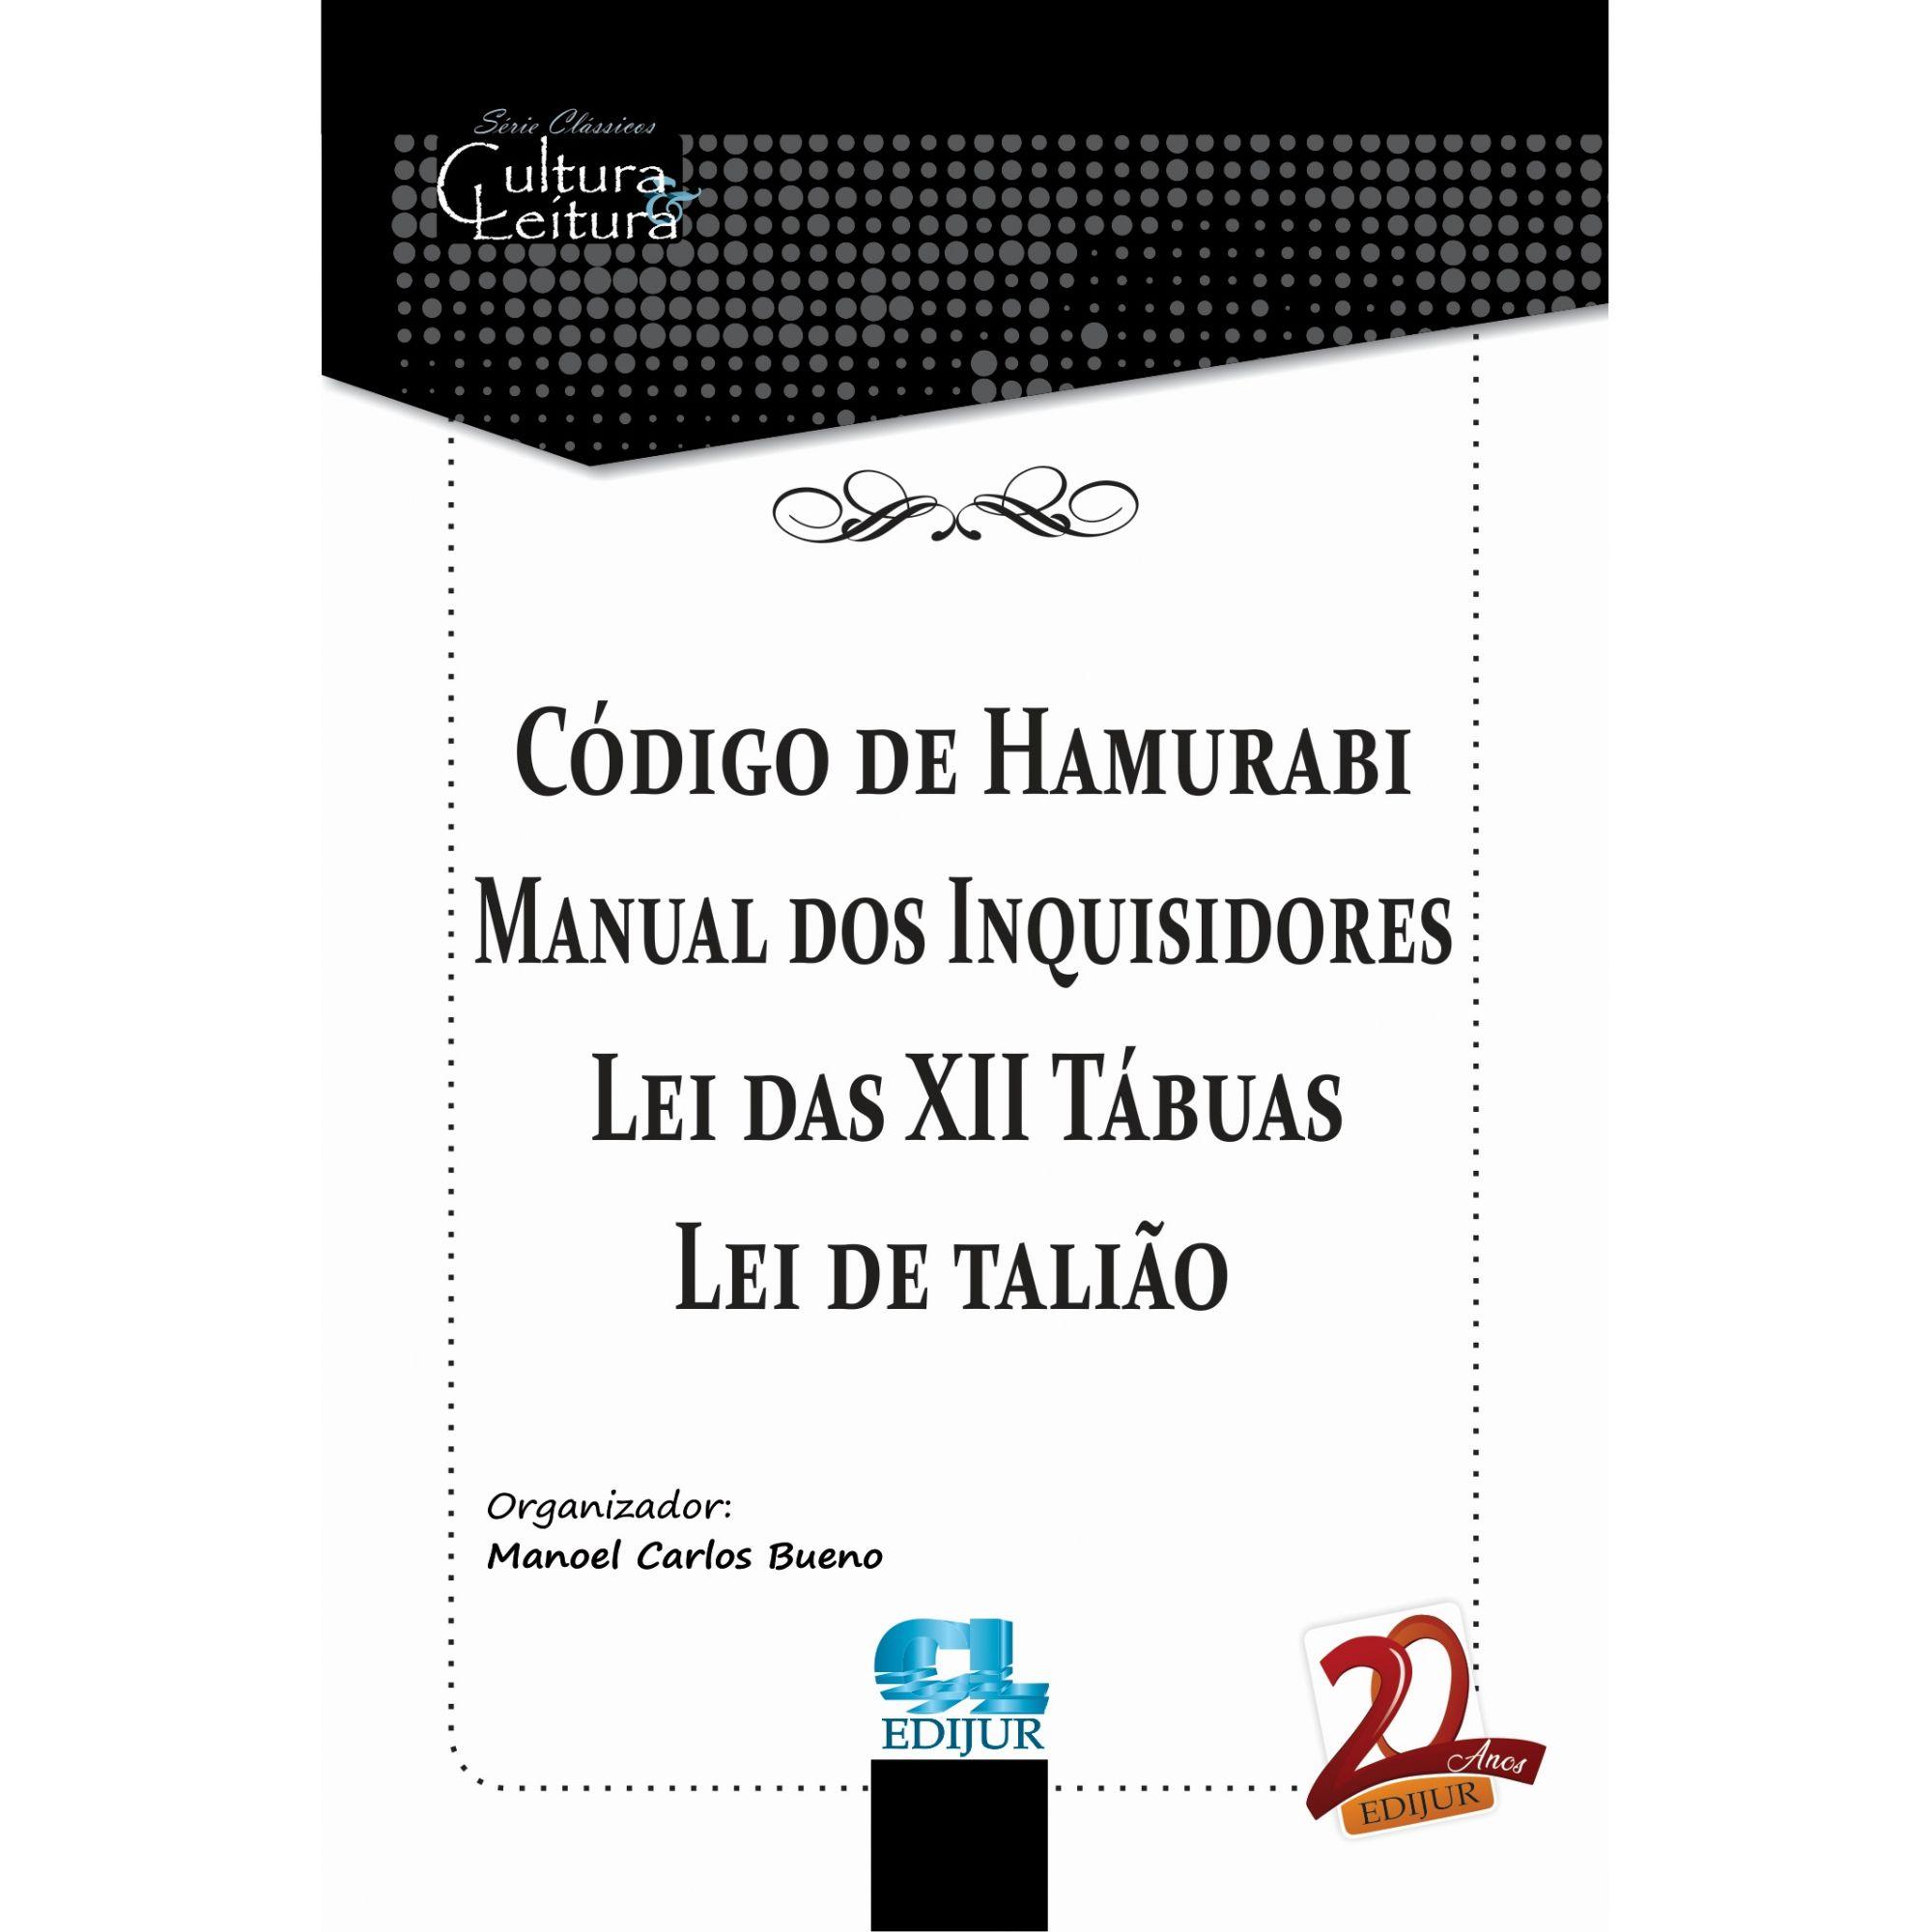 Código de Hamurabi Manual dos Inquisidores Lei das XII Tábuas Lei de talião - Manoel Carlos Bueno  - Edijur Editora